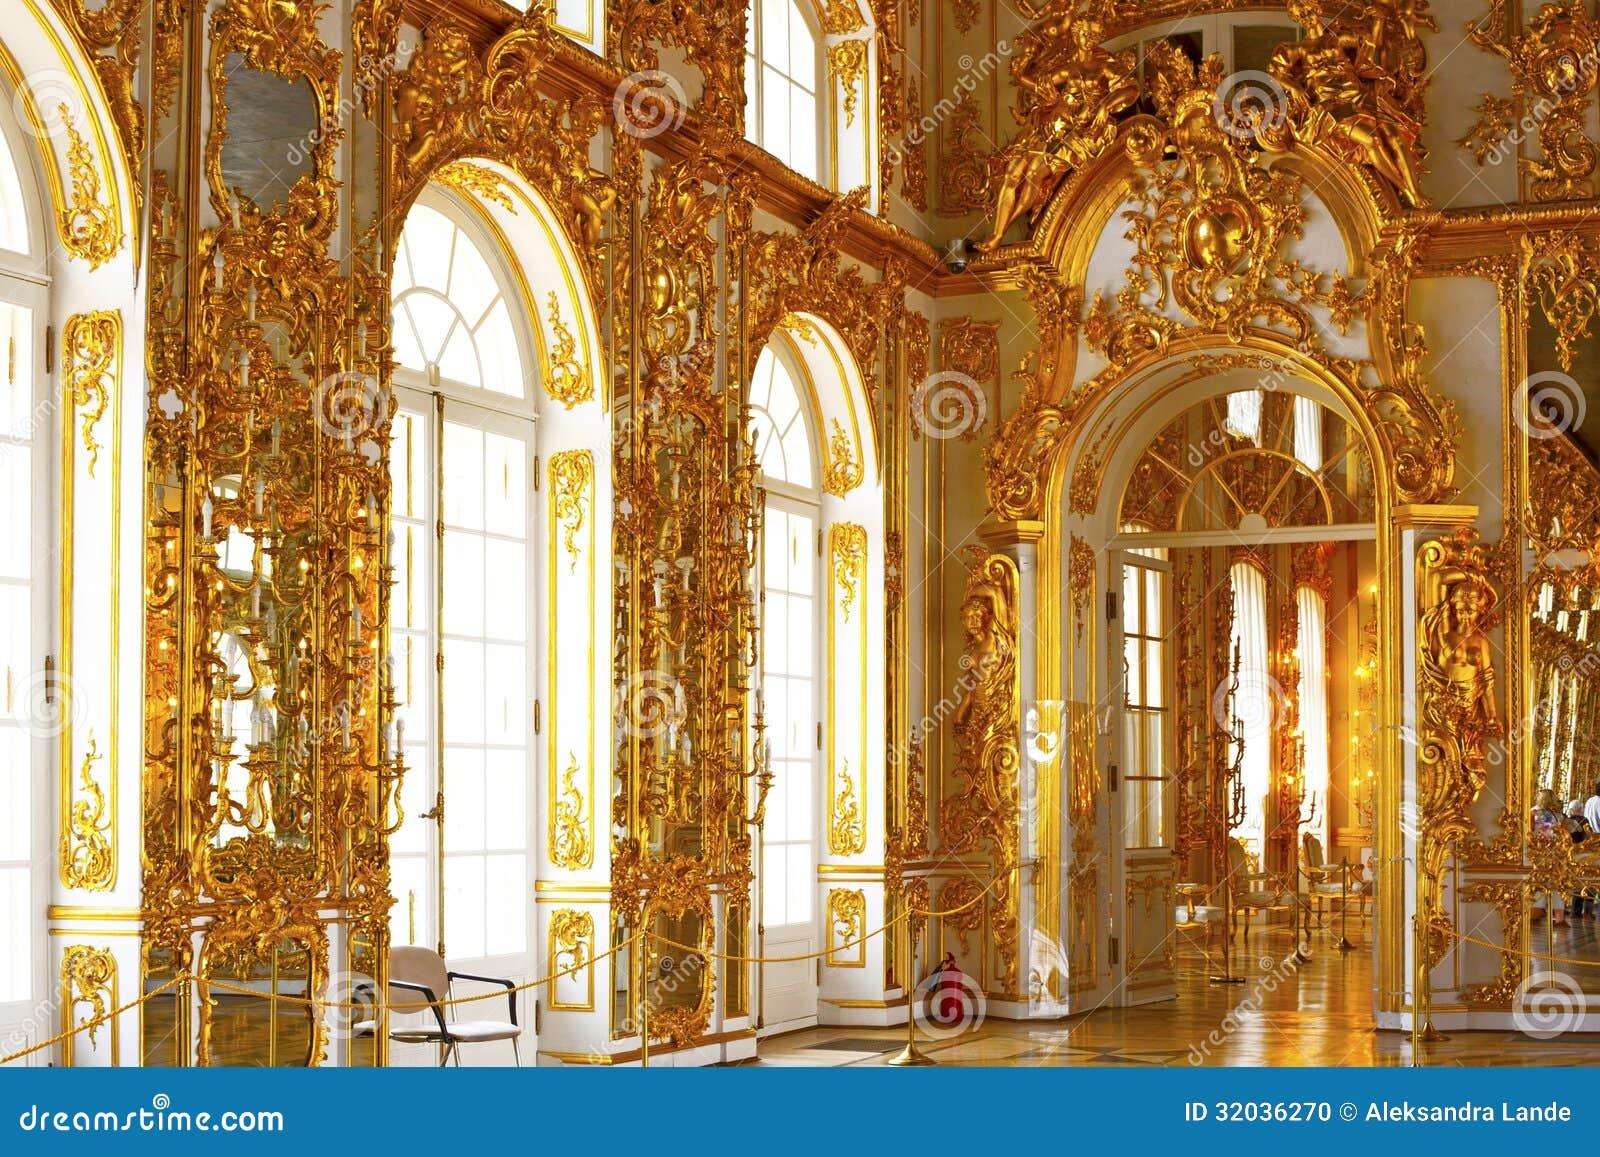 凯瑟琳的宫殿大厅在tsarskoe selo (普希金),俄罗斯.图片